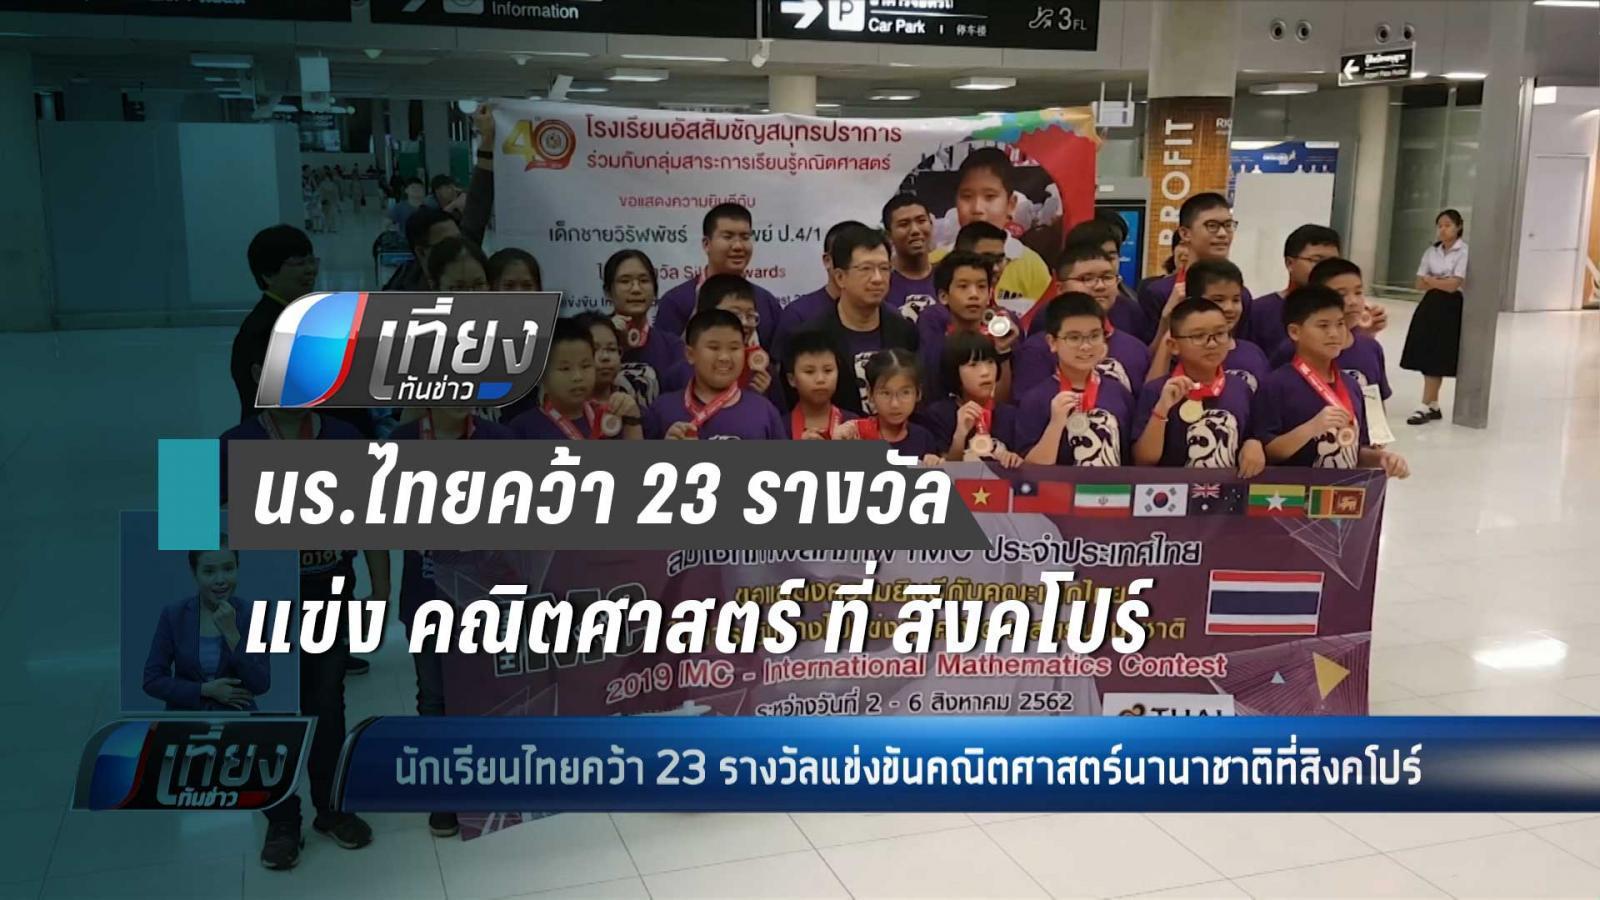 นักเรียนไทยคว้า 23 รางวัลแข่งขันคณิตศาสตร์นานาชาติที่สิงคโปร์